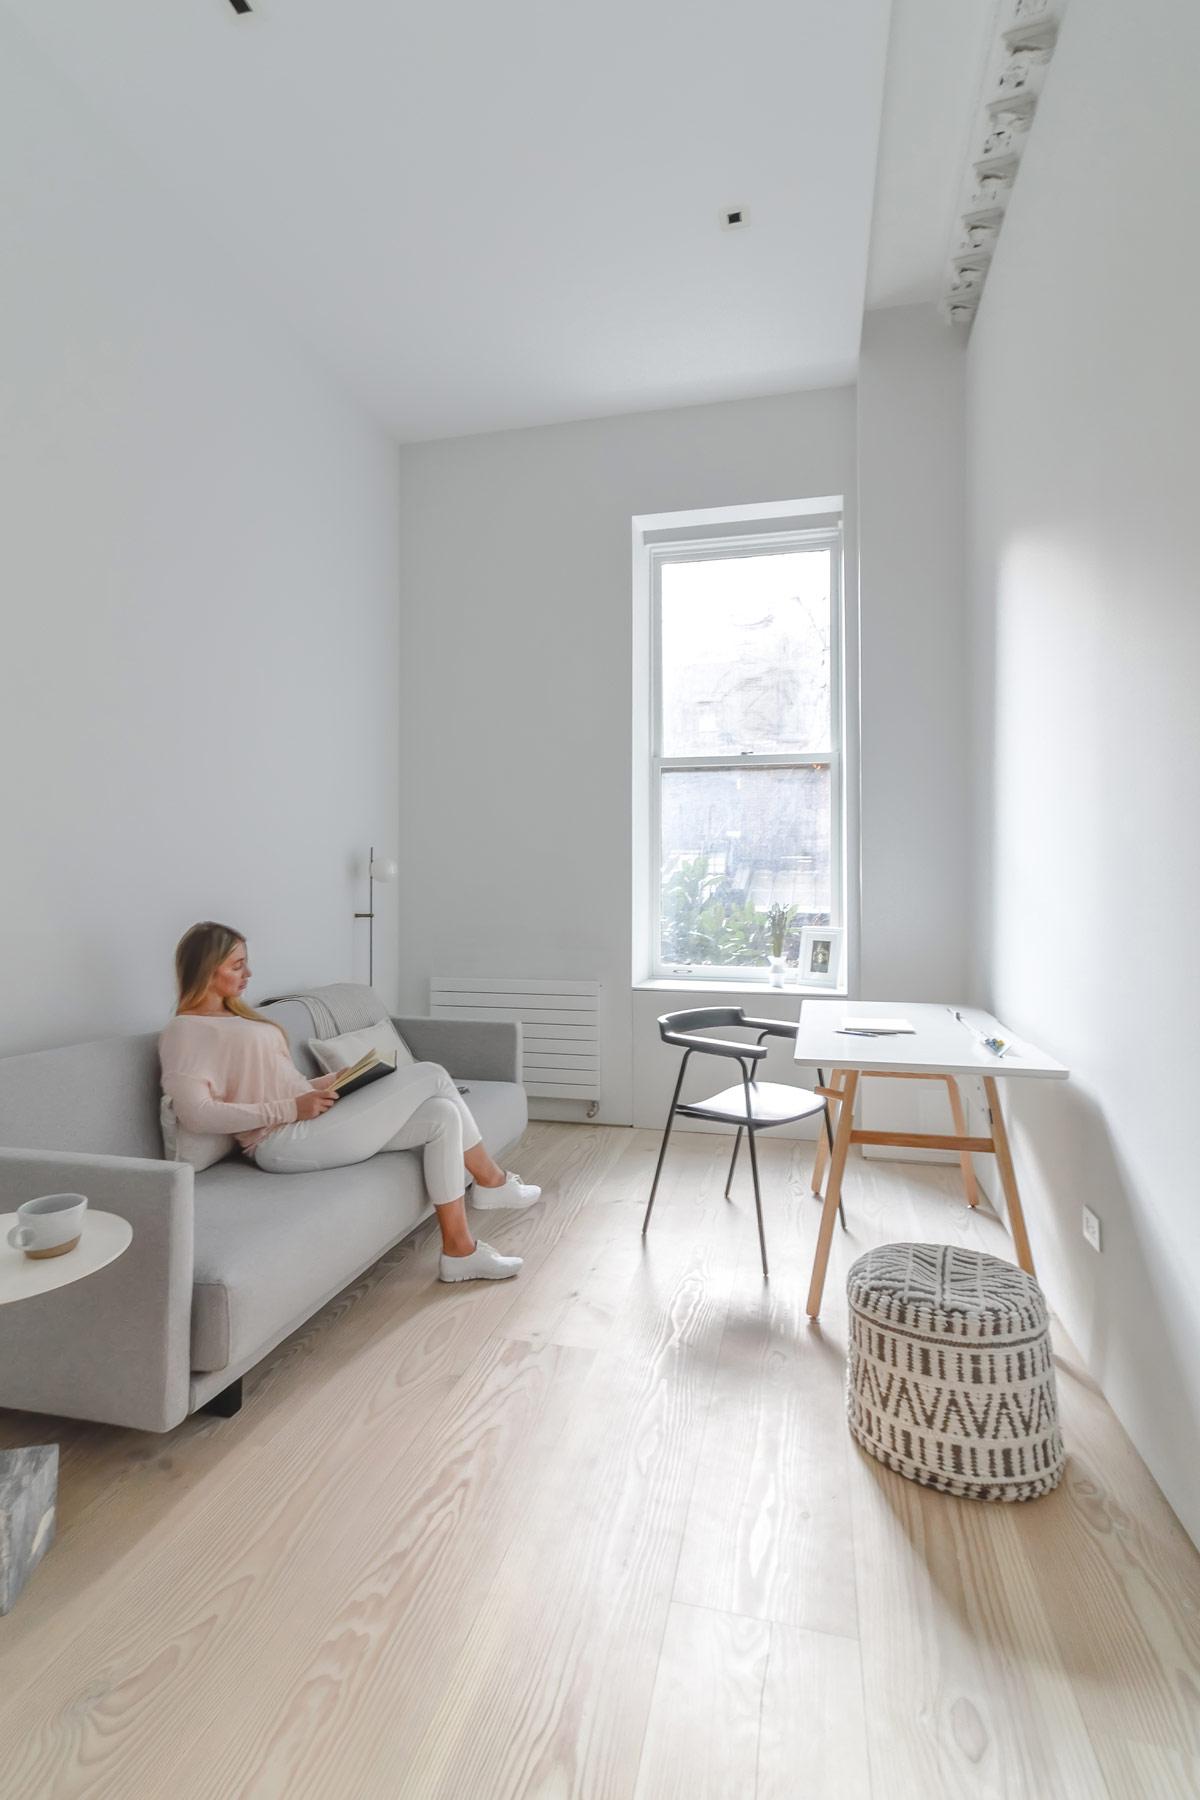 """Dành cho ai có cuộc sống xô bồ, bận rộn: Một không gian sống kết hợp từ bộ đôi """"Scandinavia và sự tối giản của người Nhật"""" sẽ khiến bạn phải vỗ tay hài lòng - Ảnh 15."""